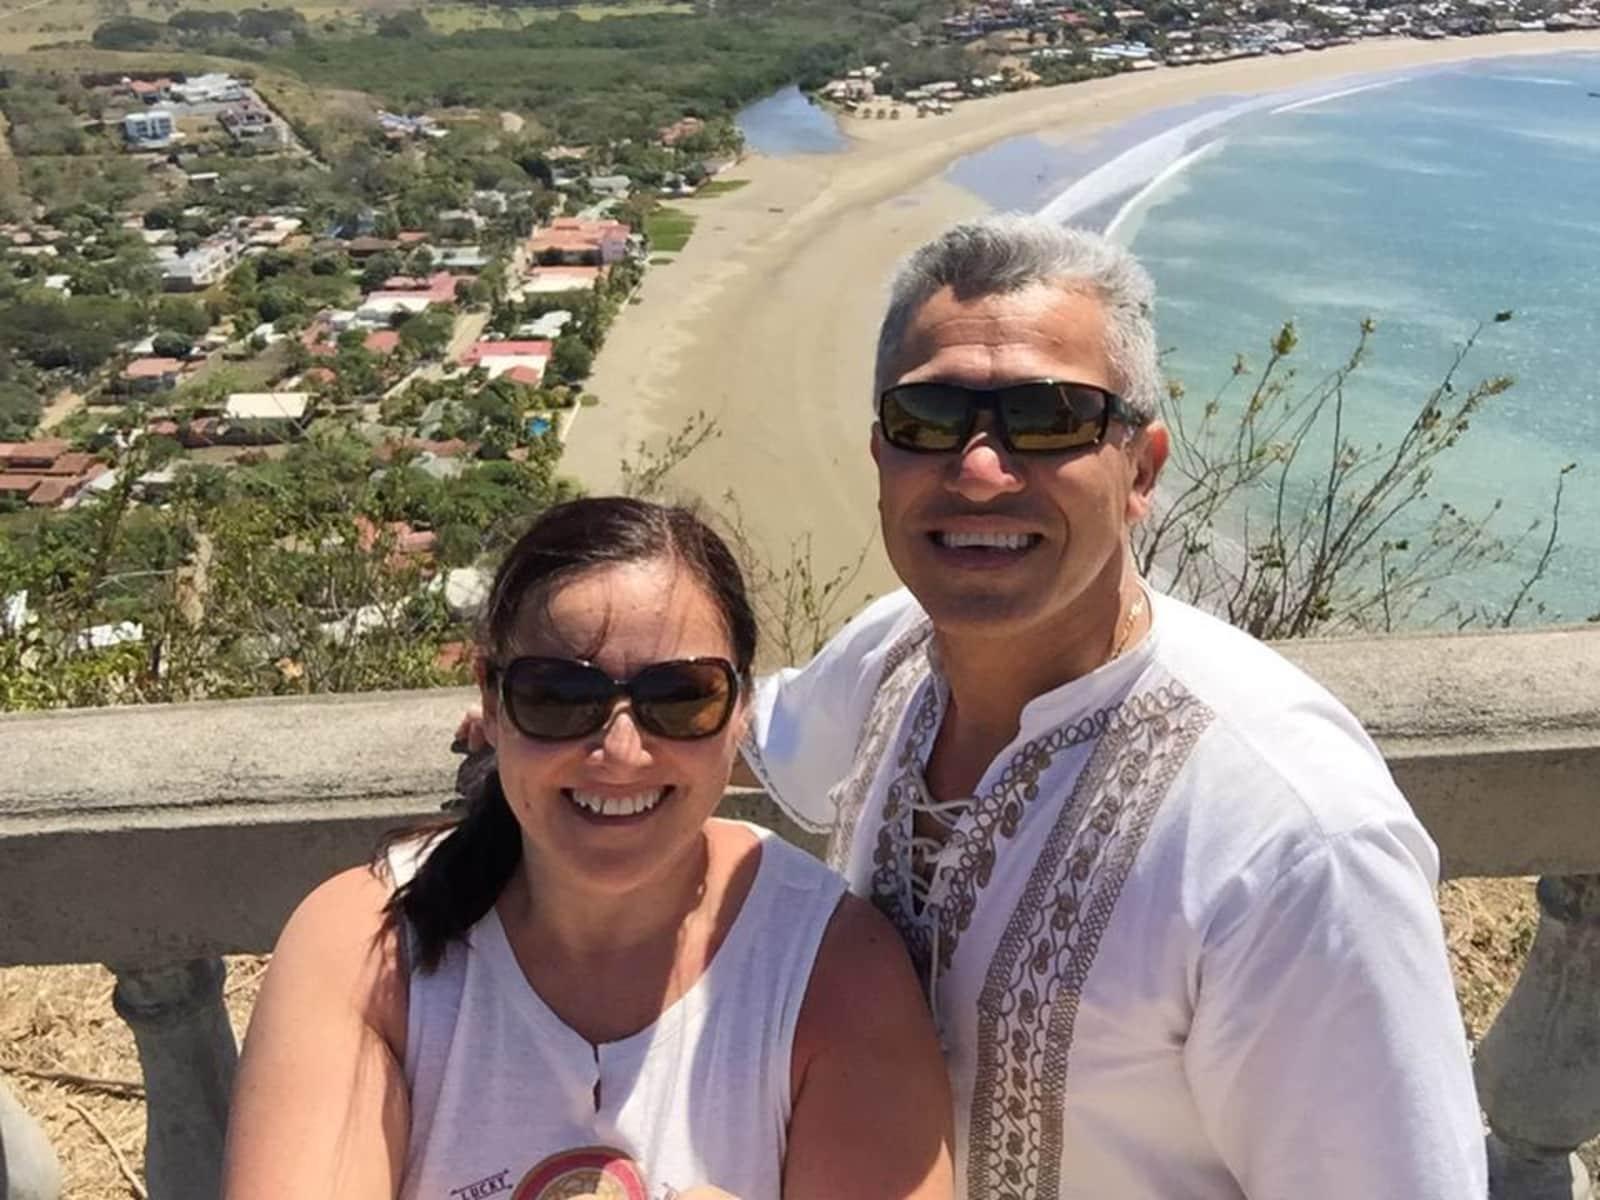 Alexandra & Yader from Calgary, Alberta, Canada